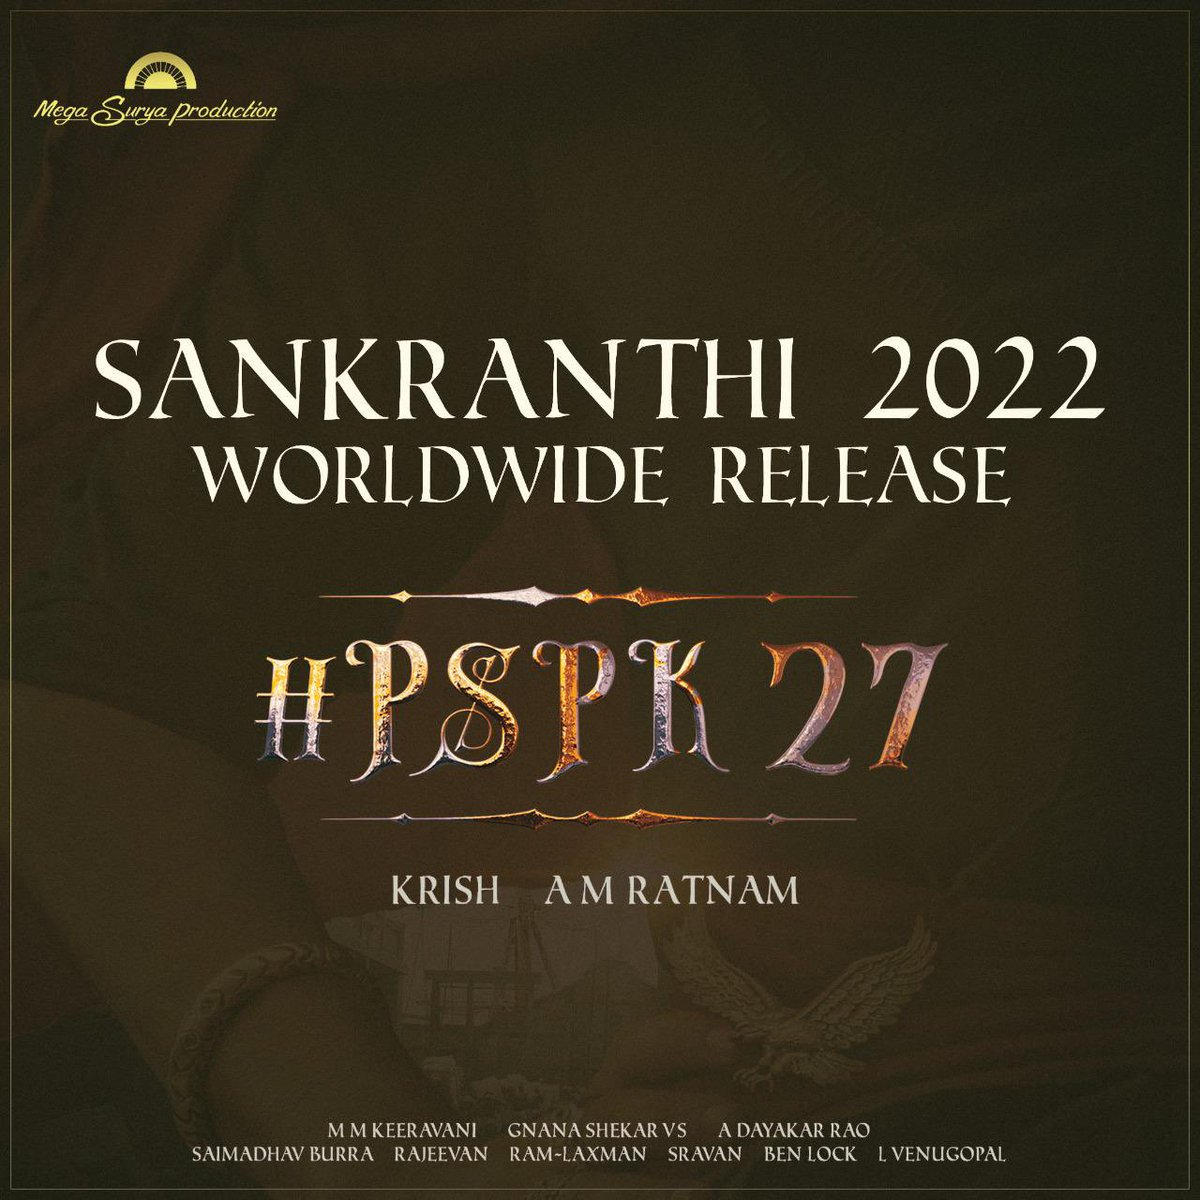   @PawanKalyan & @DirKrish, #PSPK27 will be coming on SANKRANTHI 2022.